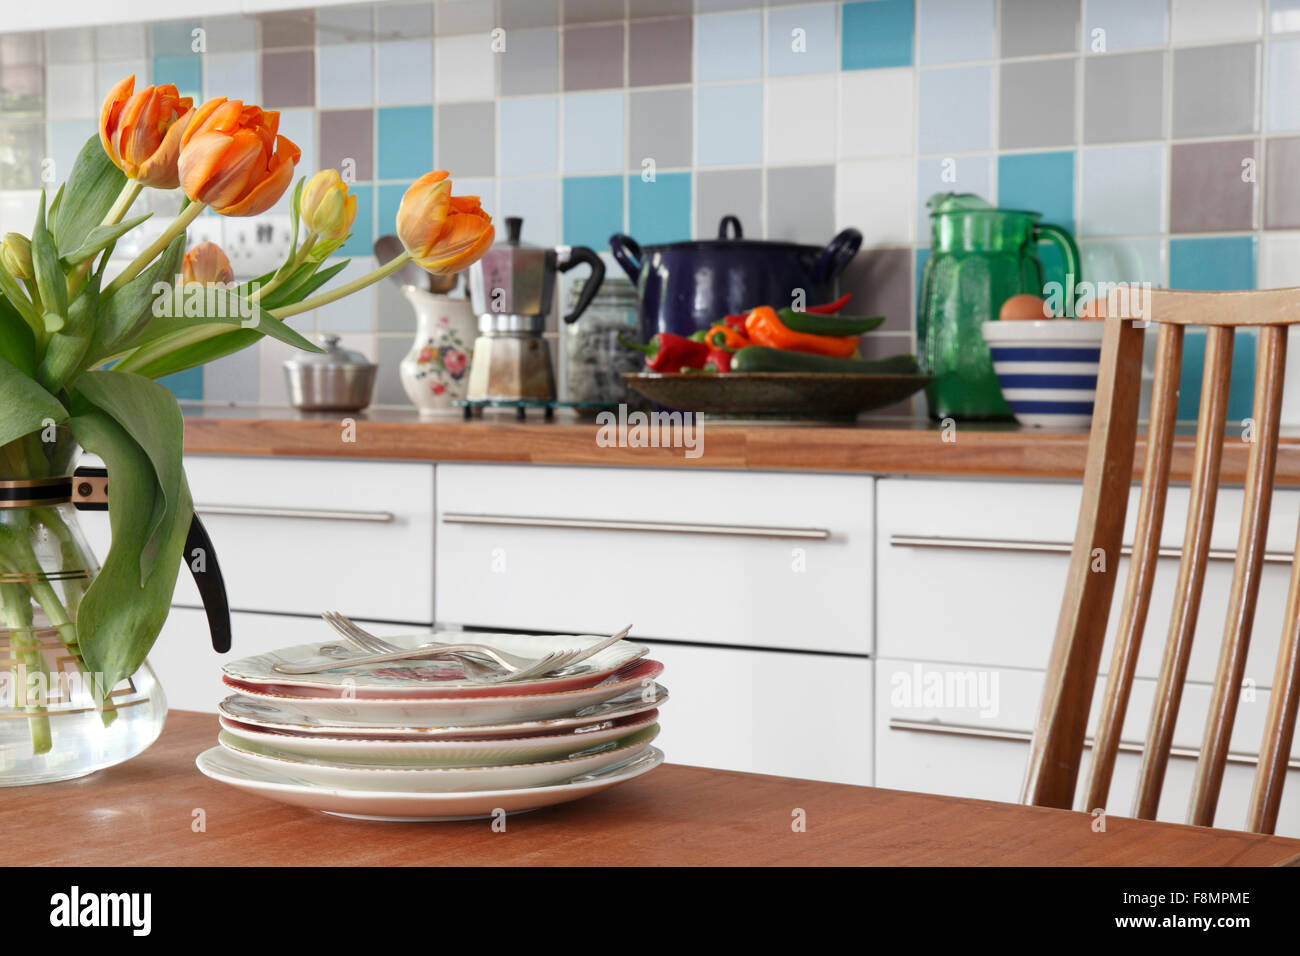 Un assortimento di oggetti sul piano di lavoro della cucina con